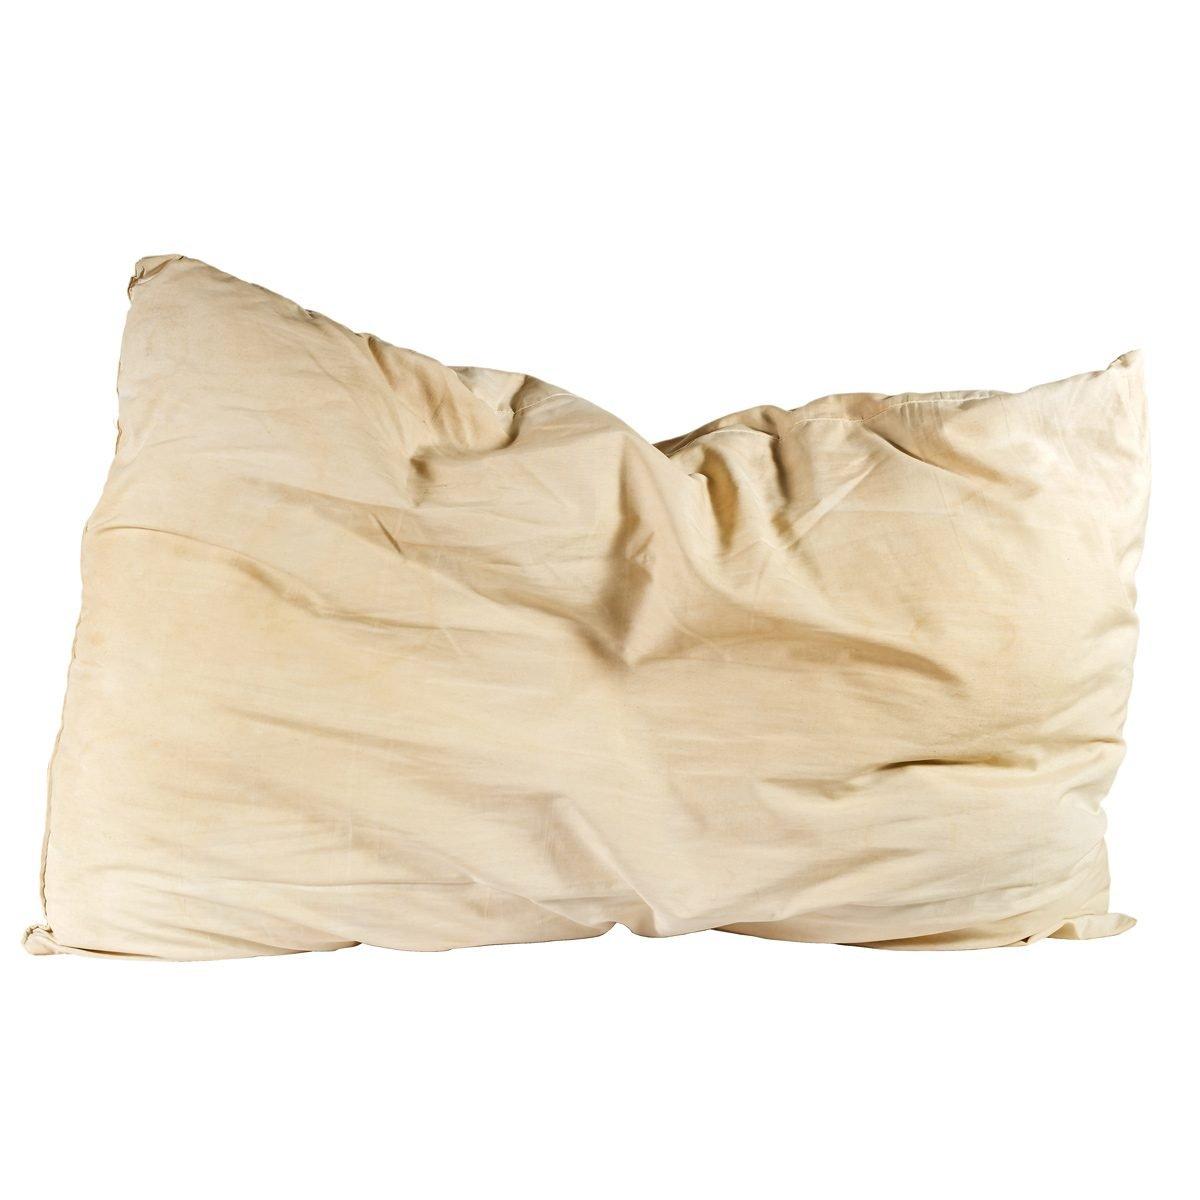 Lumpy-pillow